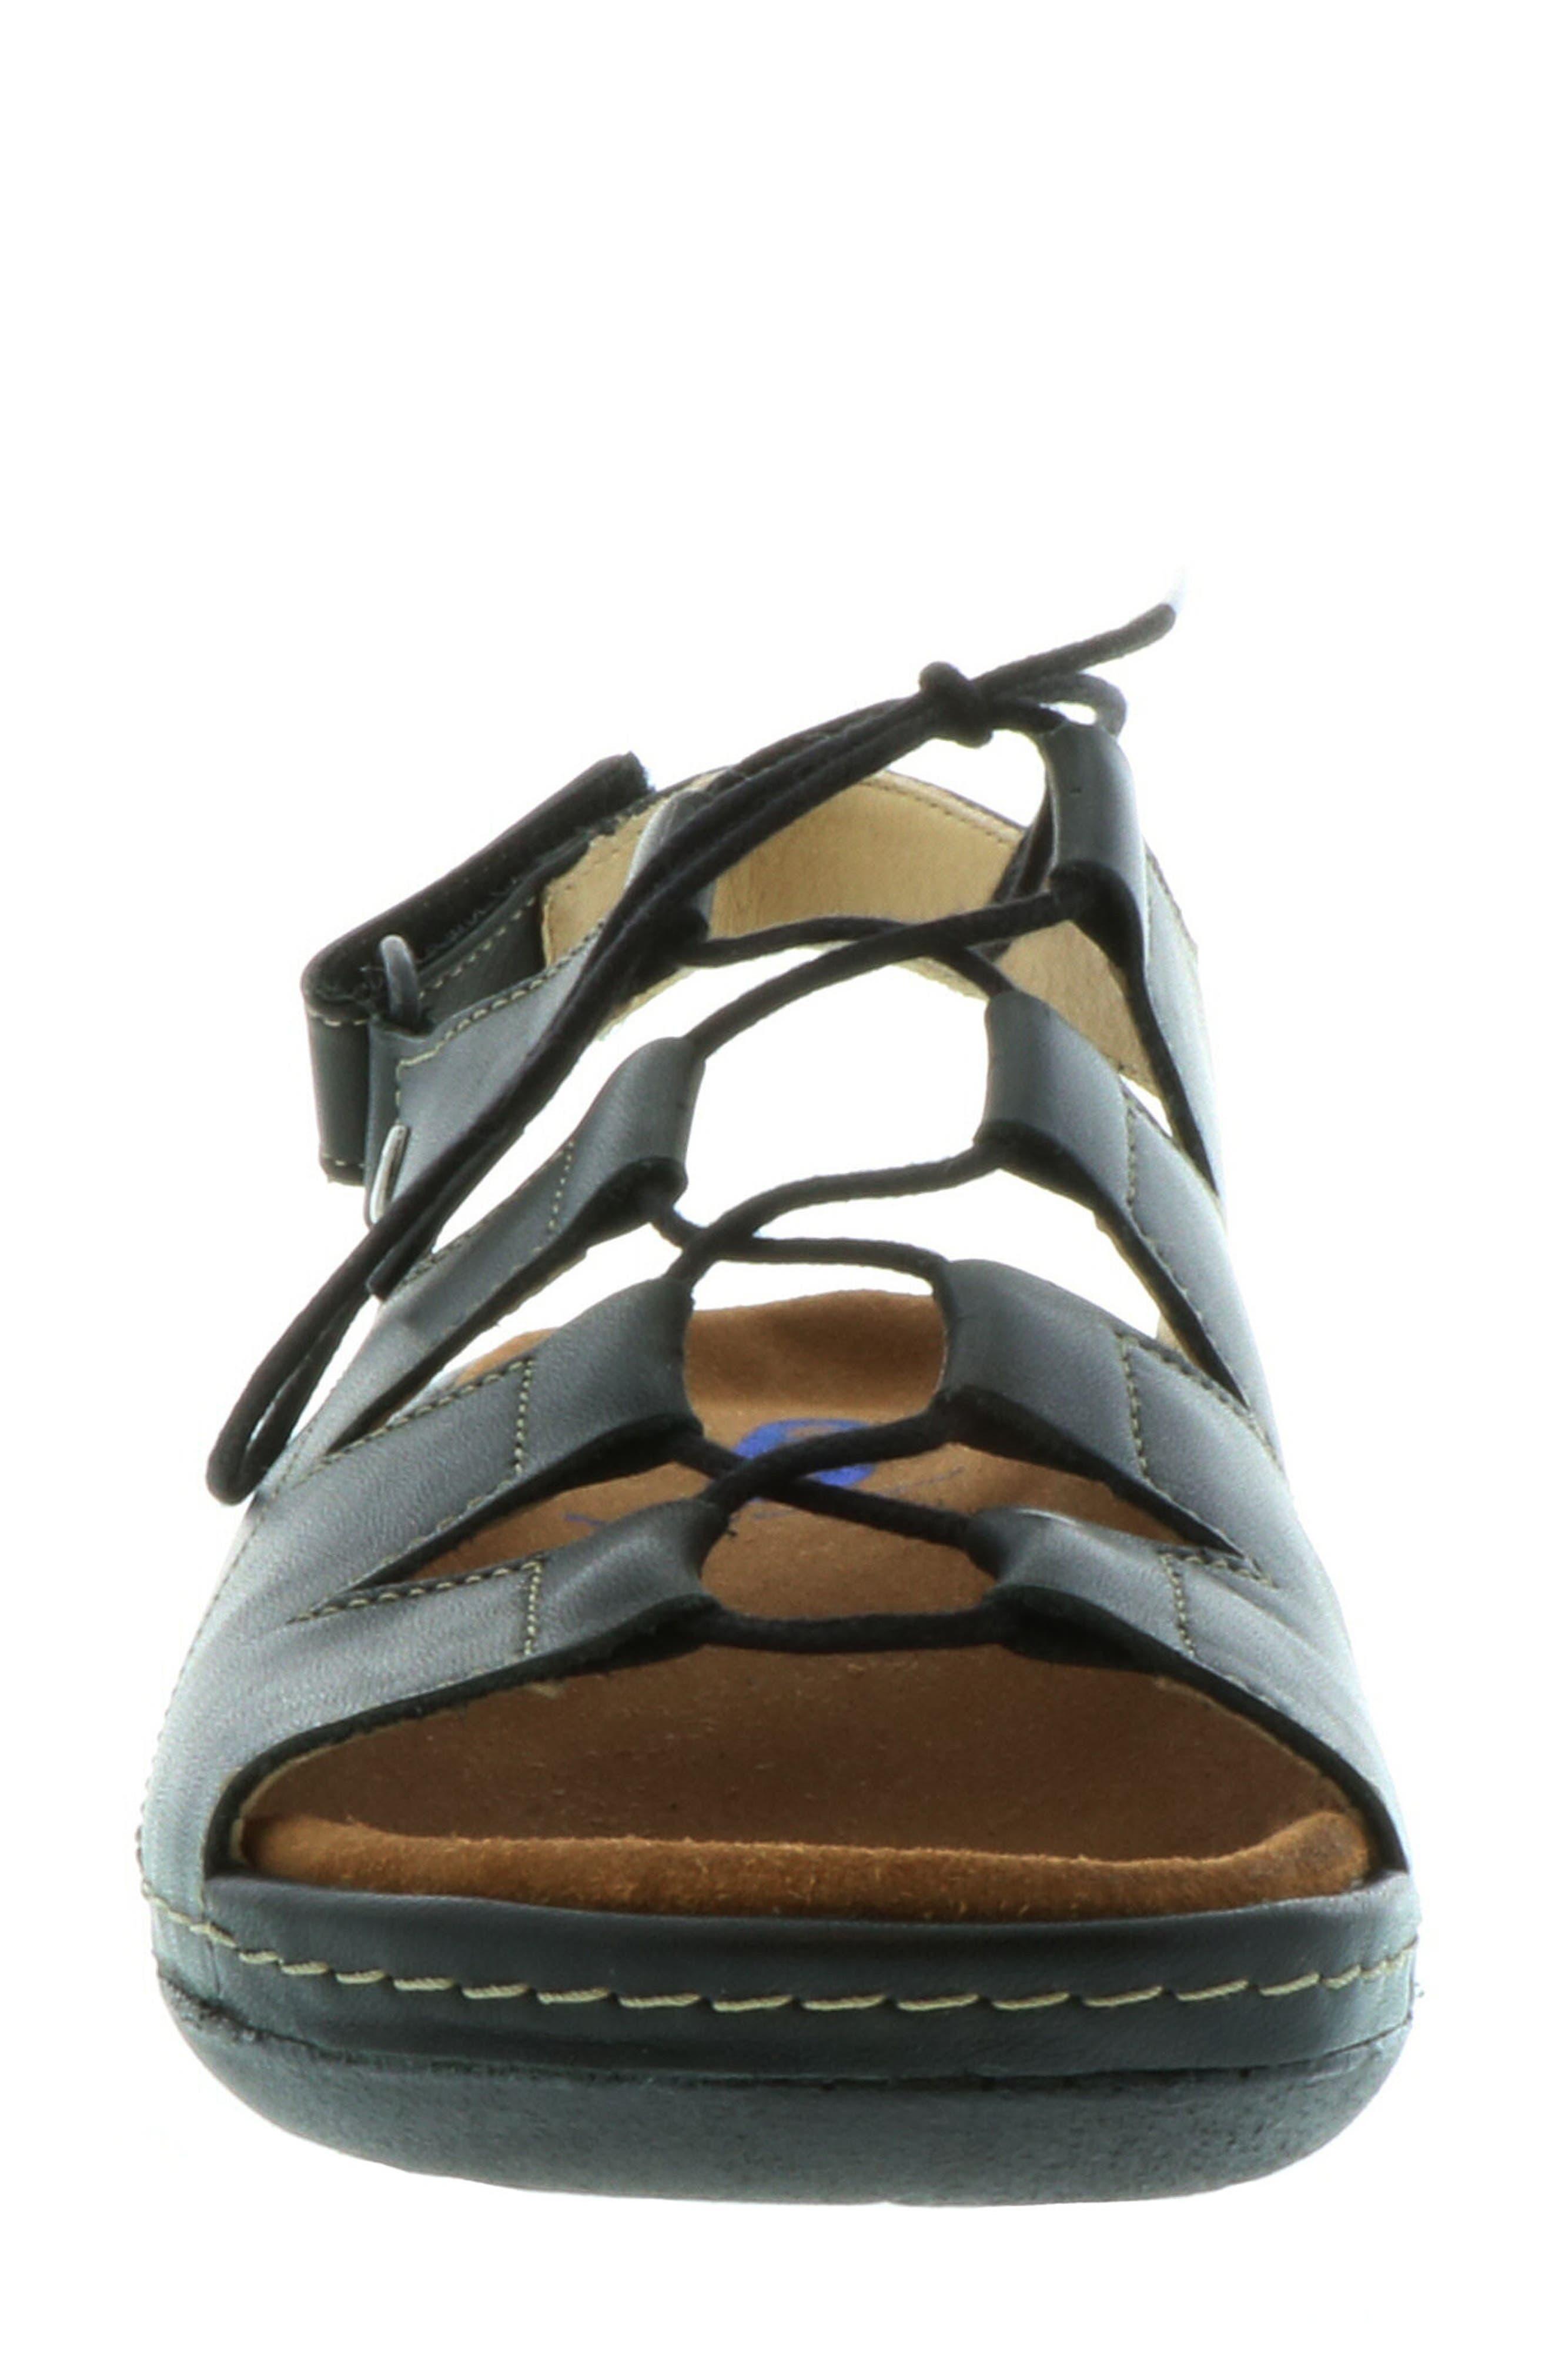 Kite Lace-Up Sandal,                             Alternate thumbnail 4, color,                             BLACK LEATHER